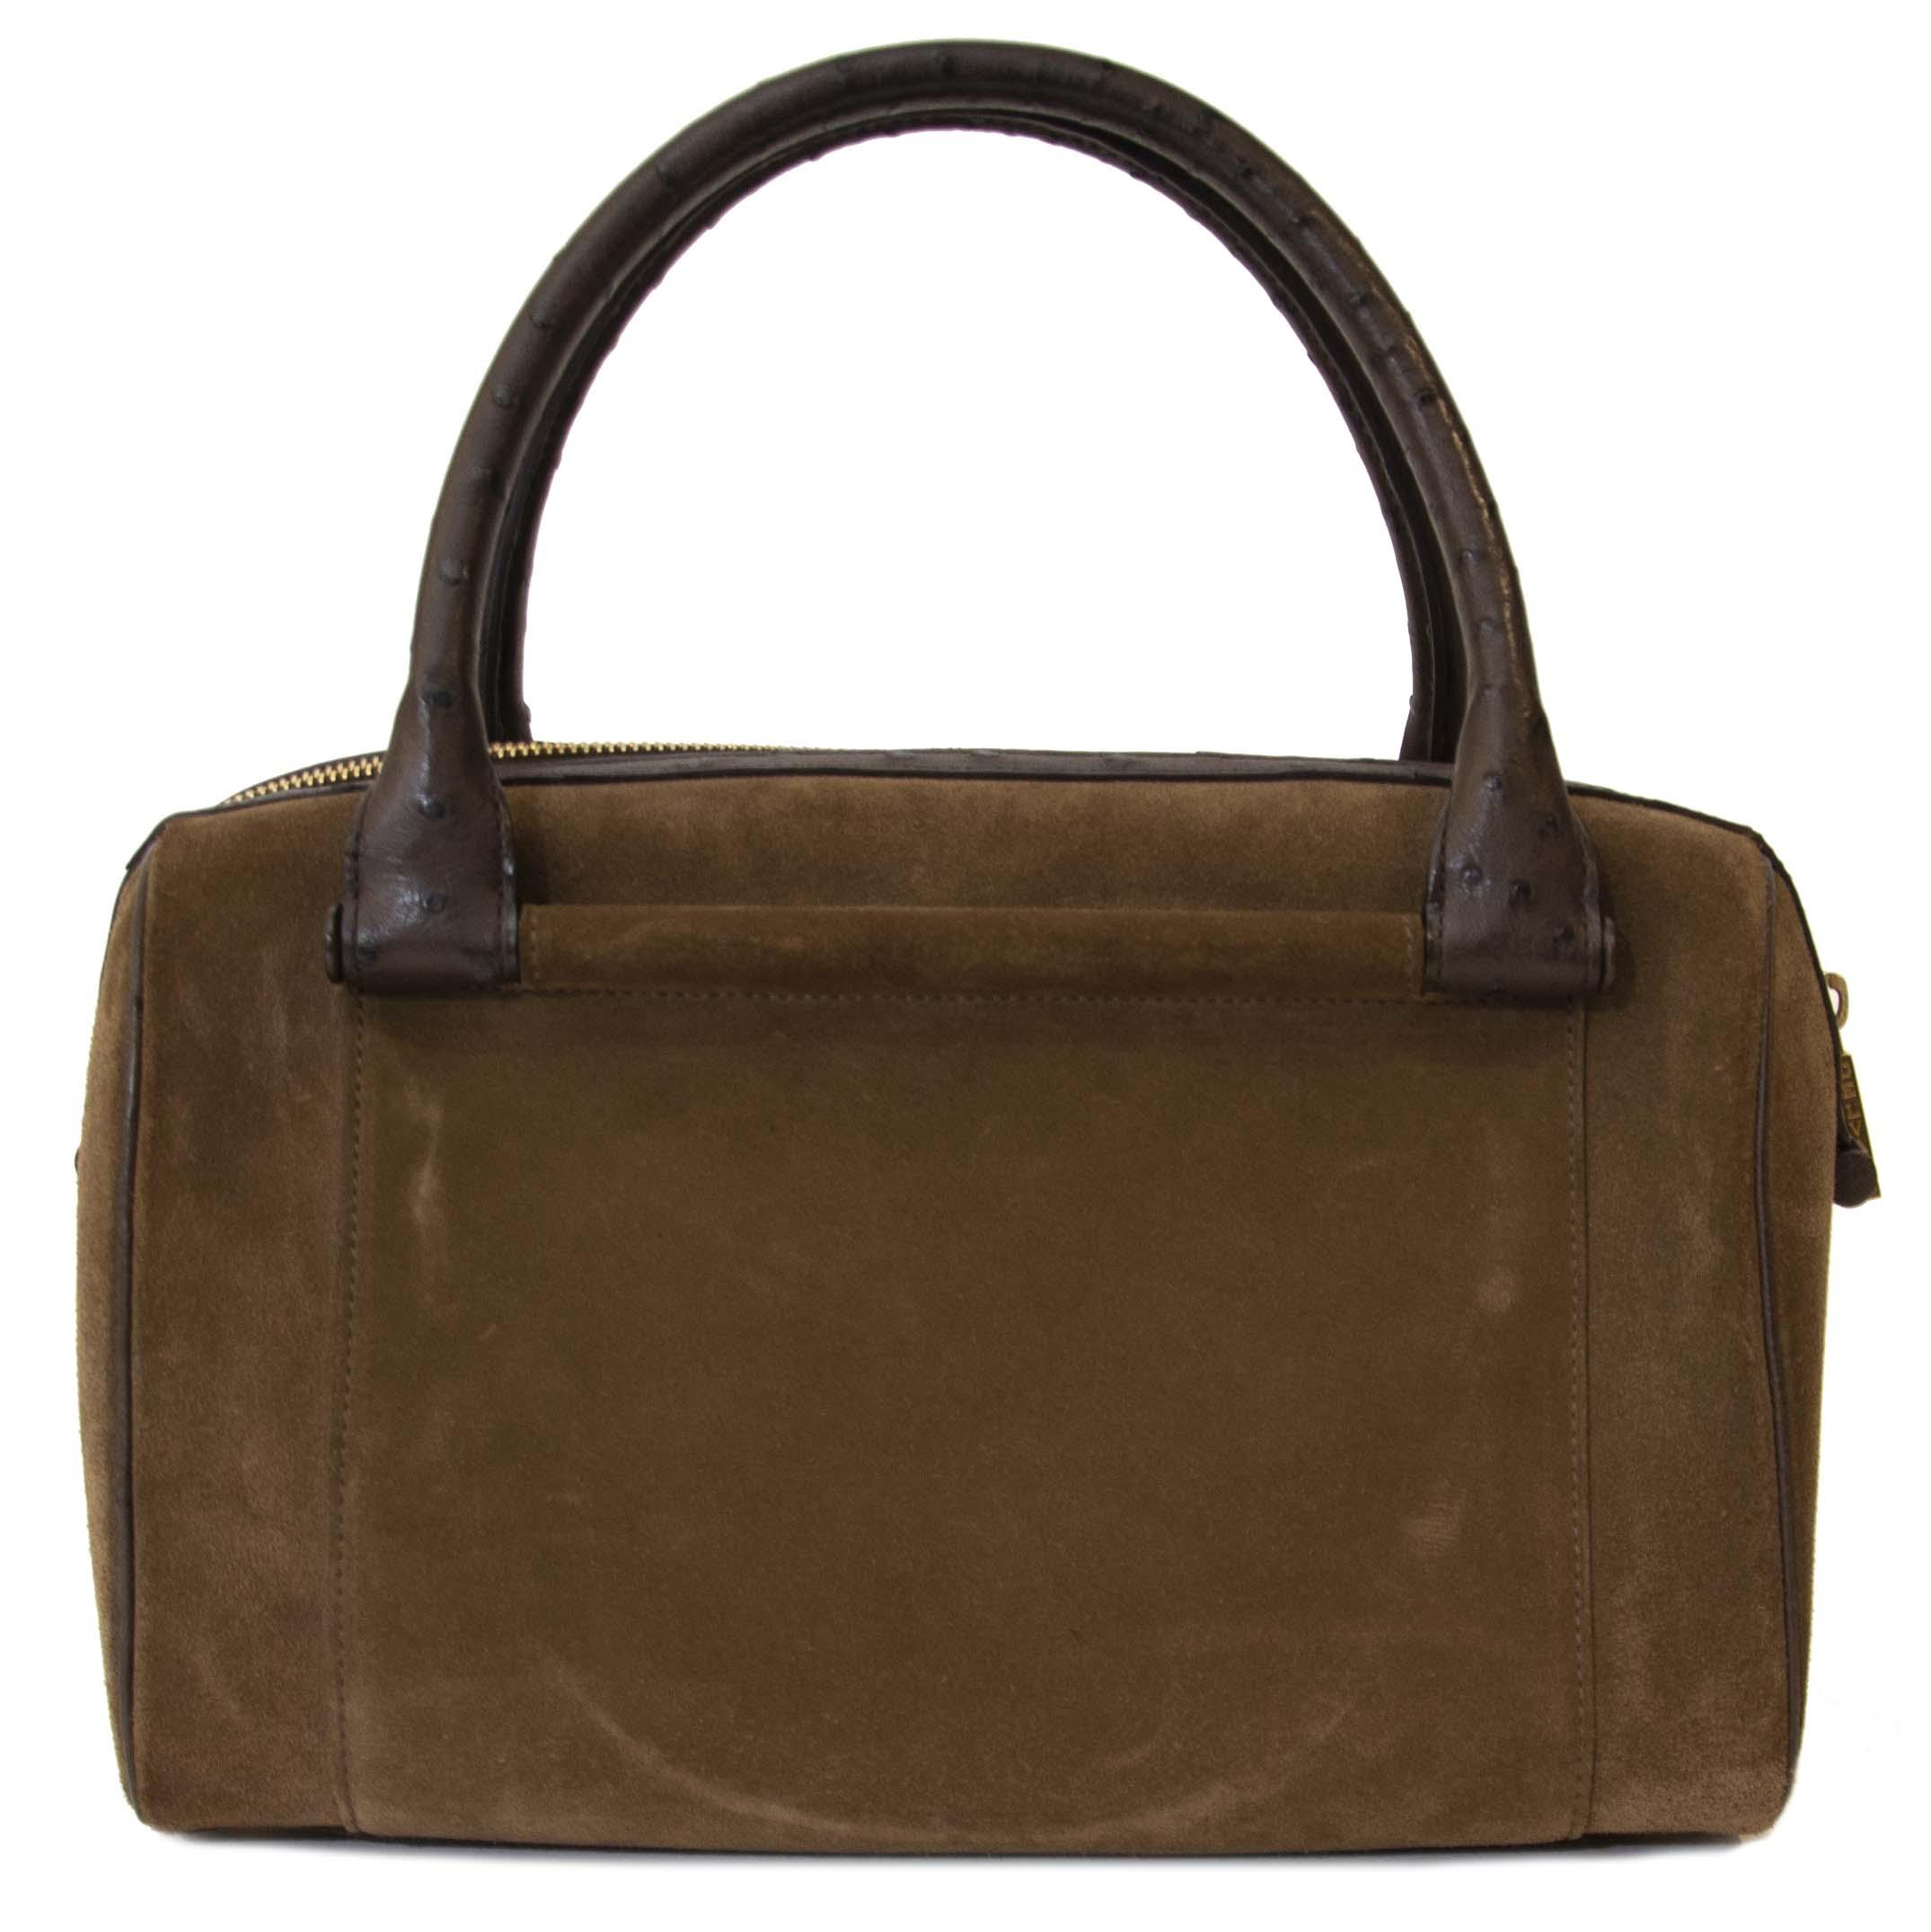 Koop authentieke Delvaux tas aan de juiste prijs bij LabelLOV vintage webshop.